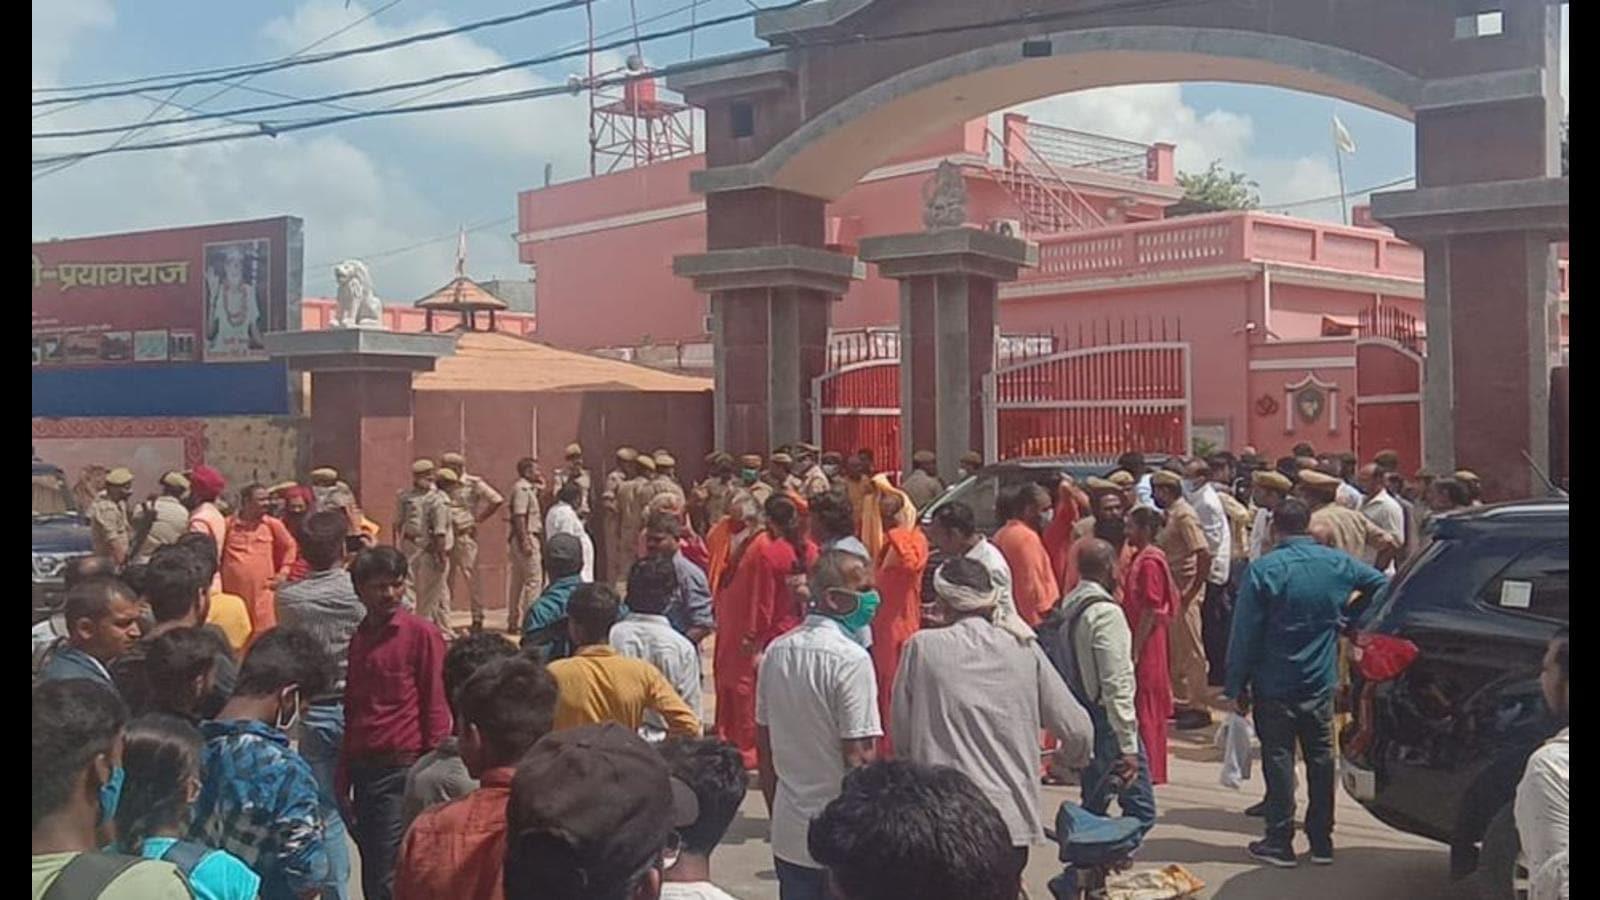 Akhada to take final call on Mahant Giri's successor